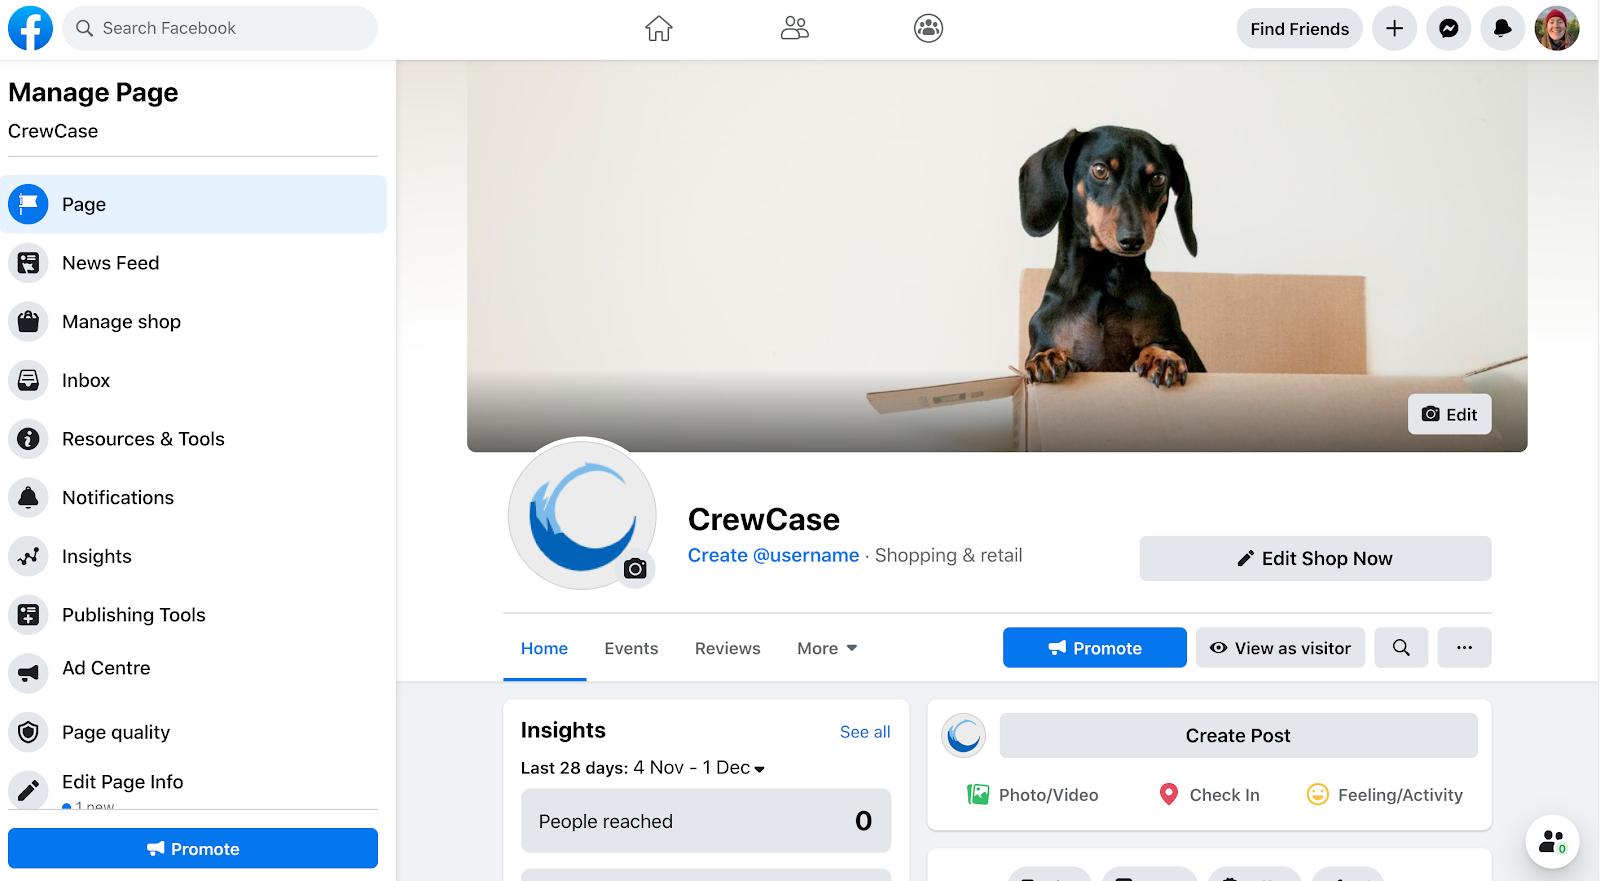 CrewCase Facebook Page